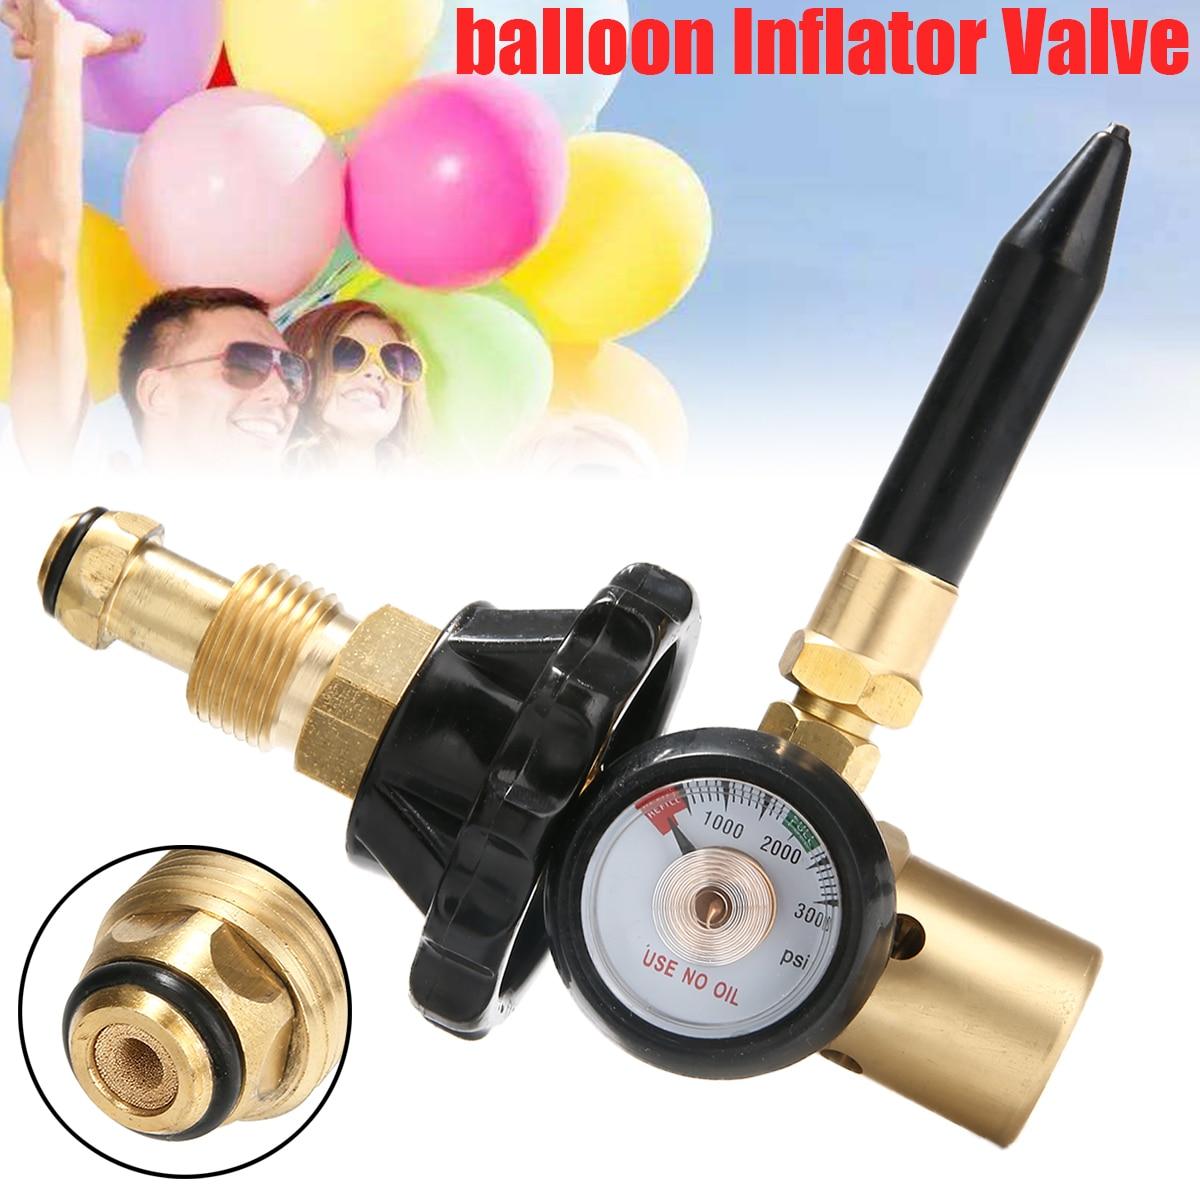 Globo helio de látex, inflador, regulador de flujo de aire con manómetro para válvulas de depósito G5/8, 3000PSI